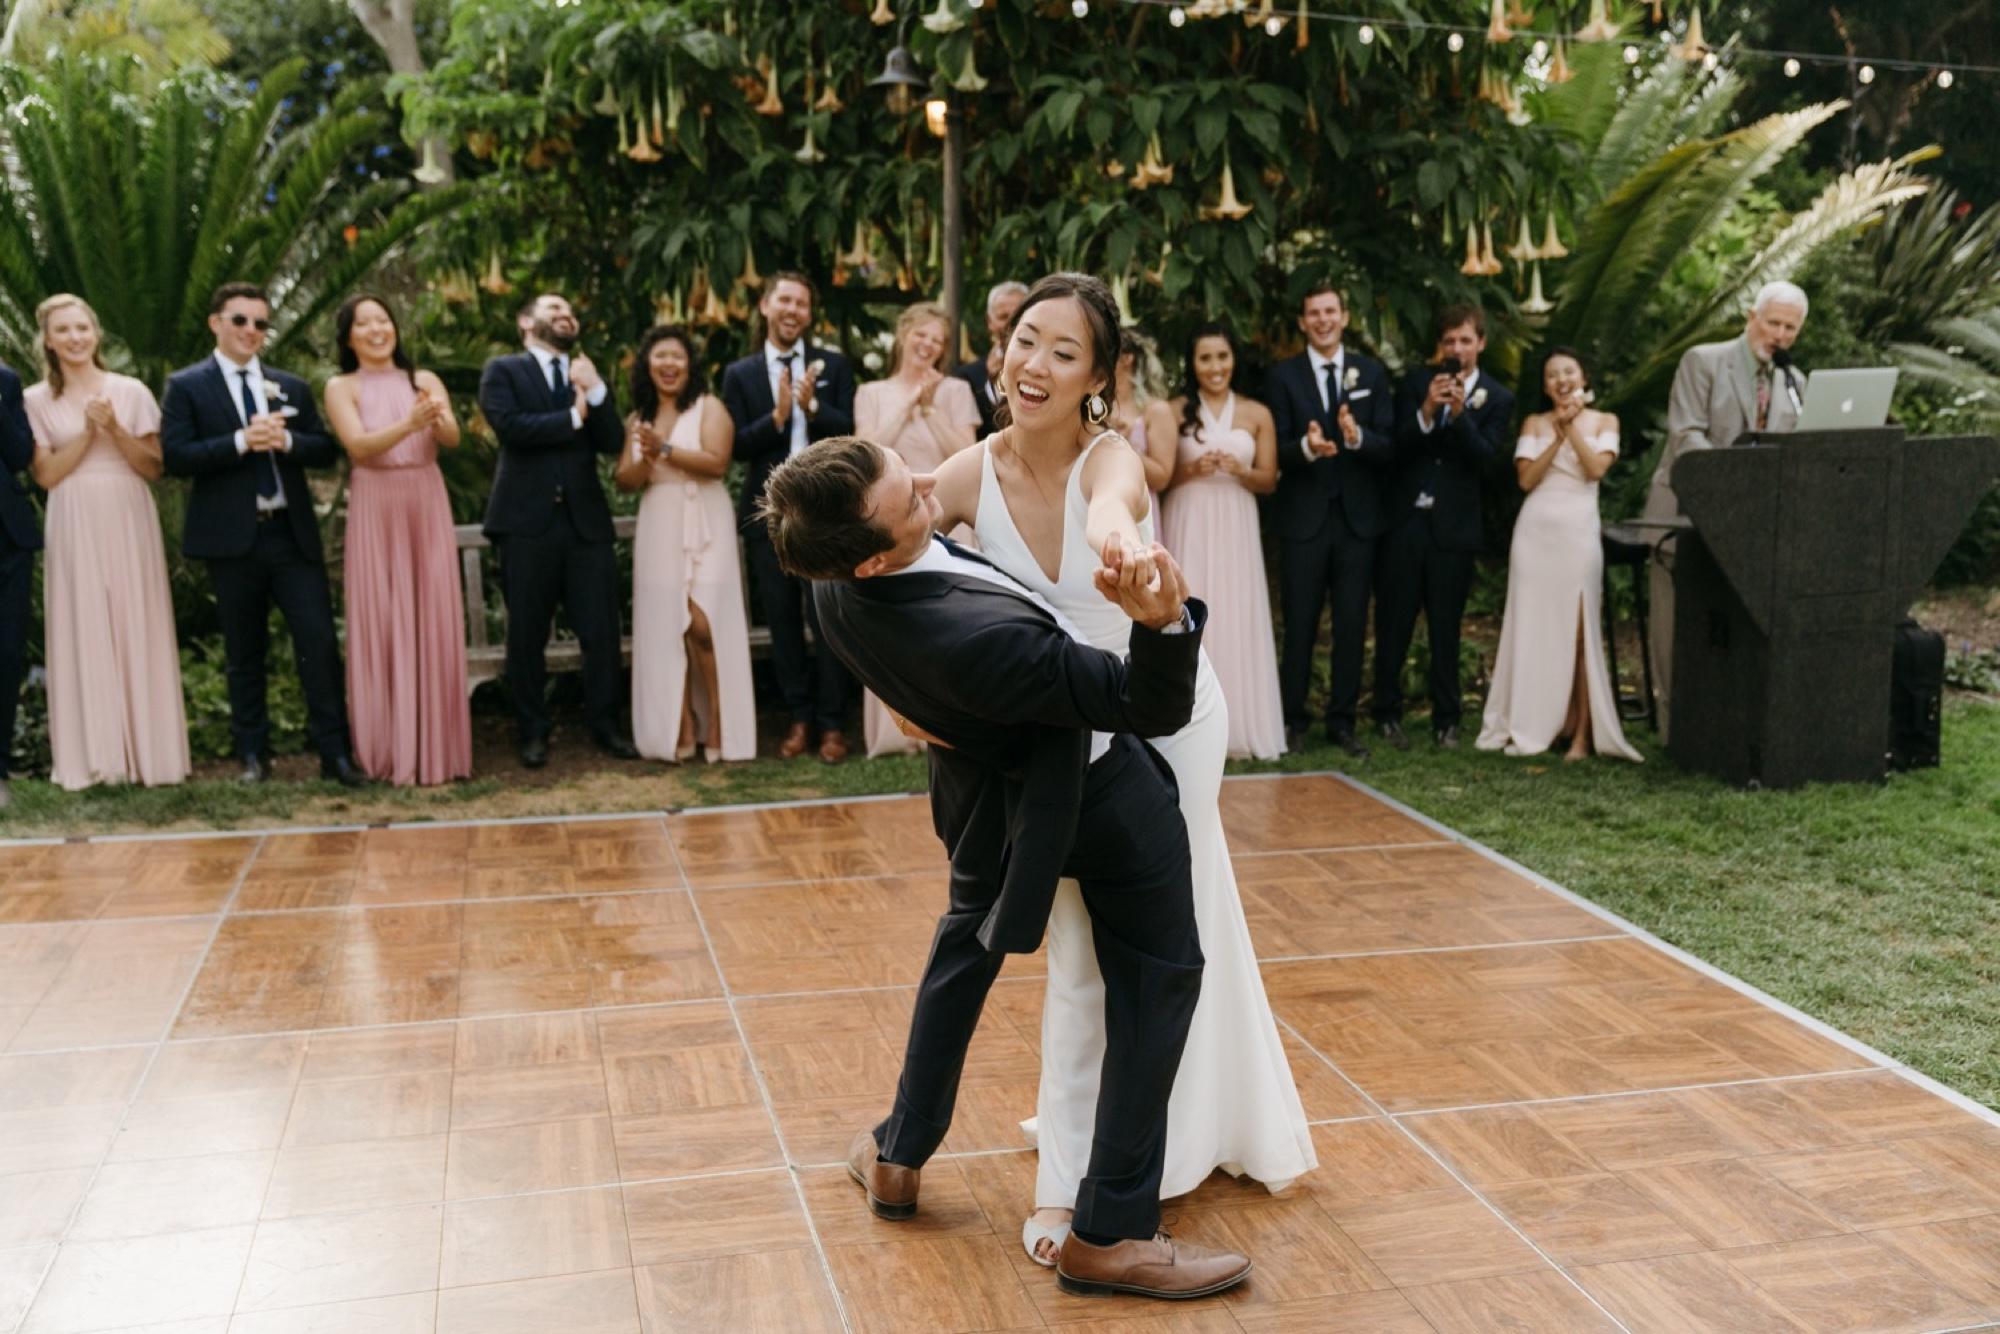 063_Shawna and Steve's Wedding-408.jpg